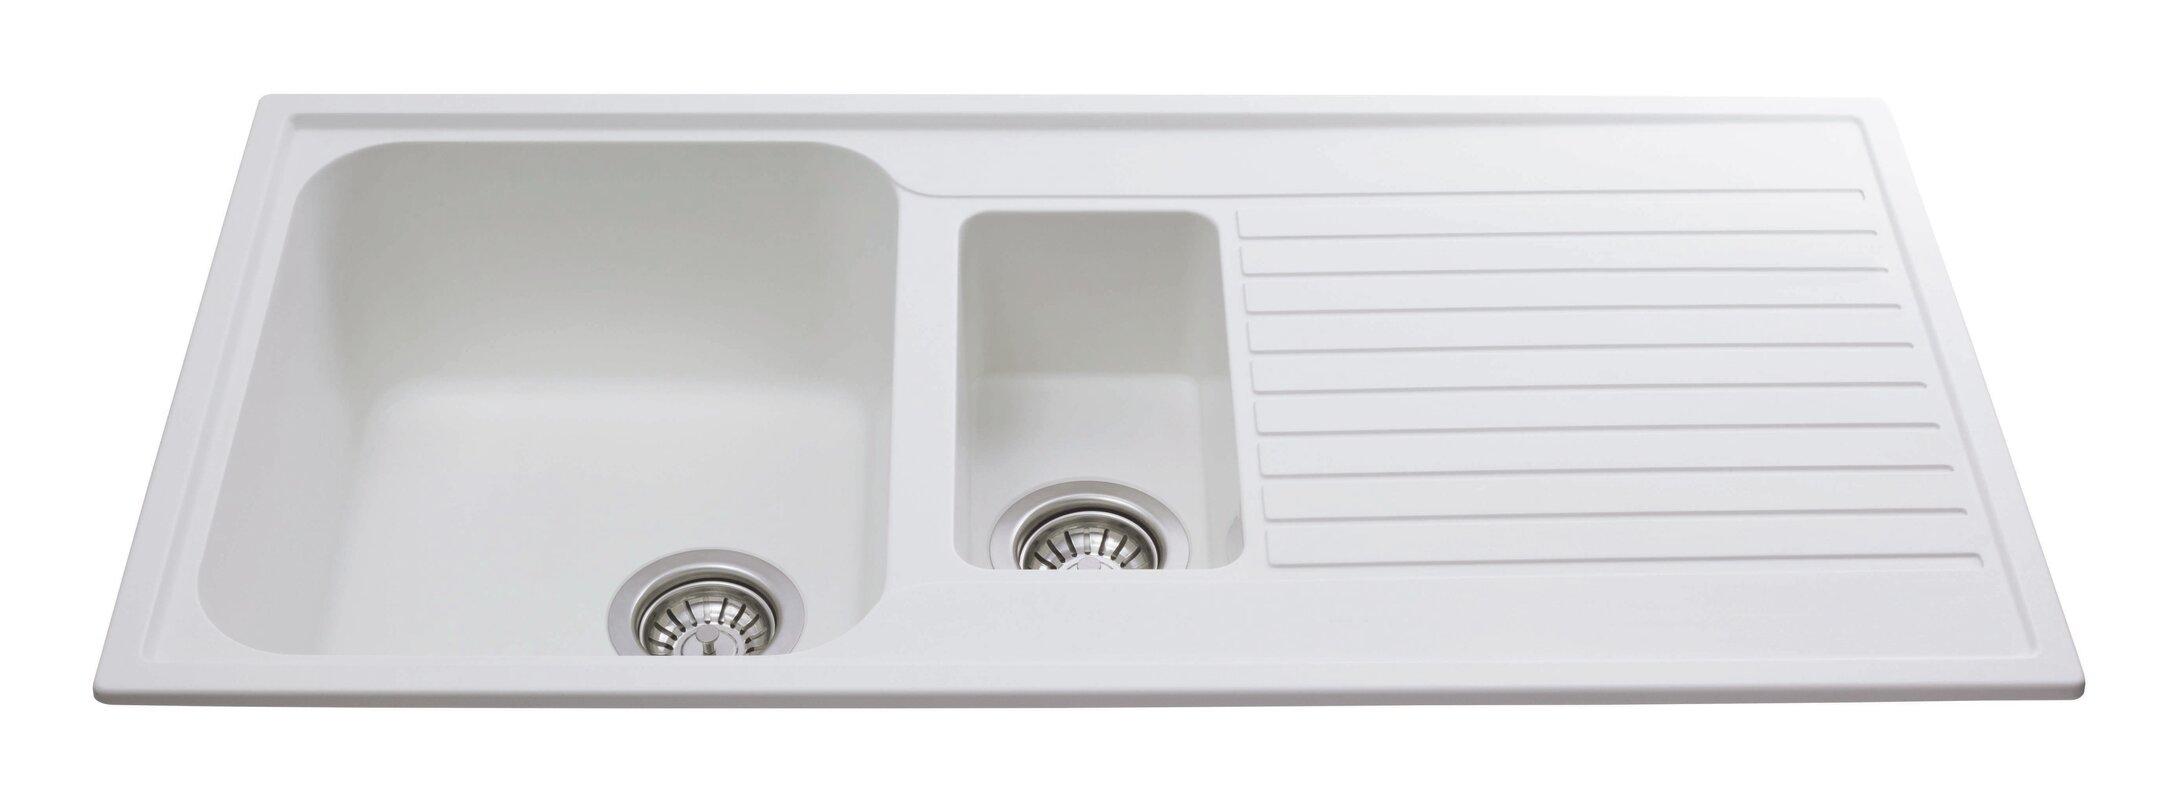 1.5 Bowl Kitchen Sink Cda 99cm x 50cm 15 bowl inset kitchen sink reviews wayfair 99cm x 50cm 15 bowl inset kitchen sink workwithnaturefo